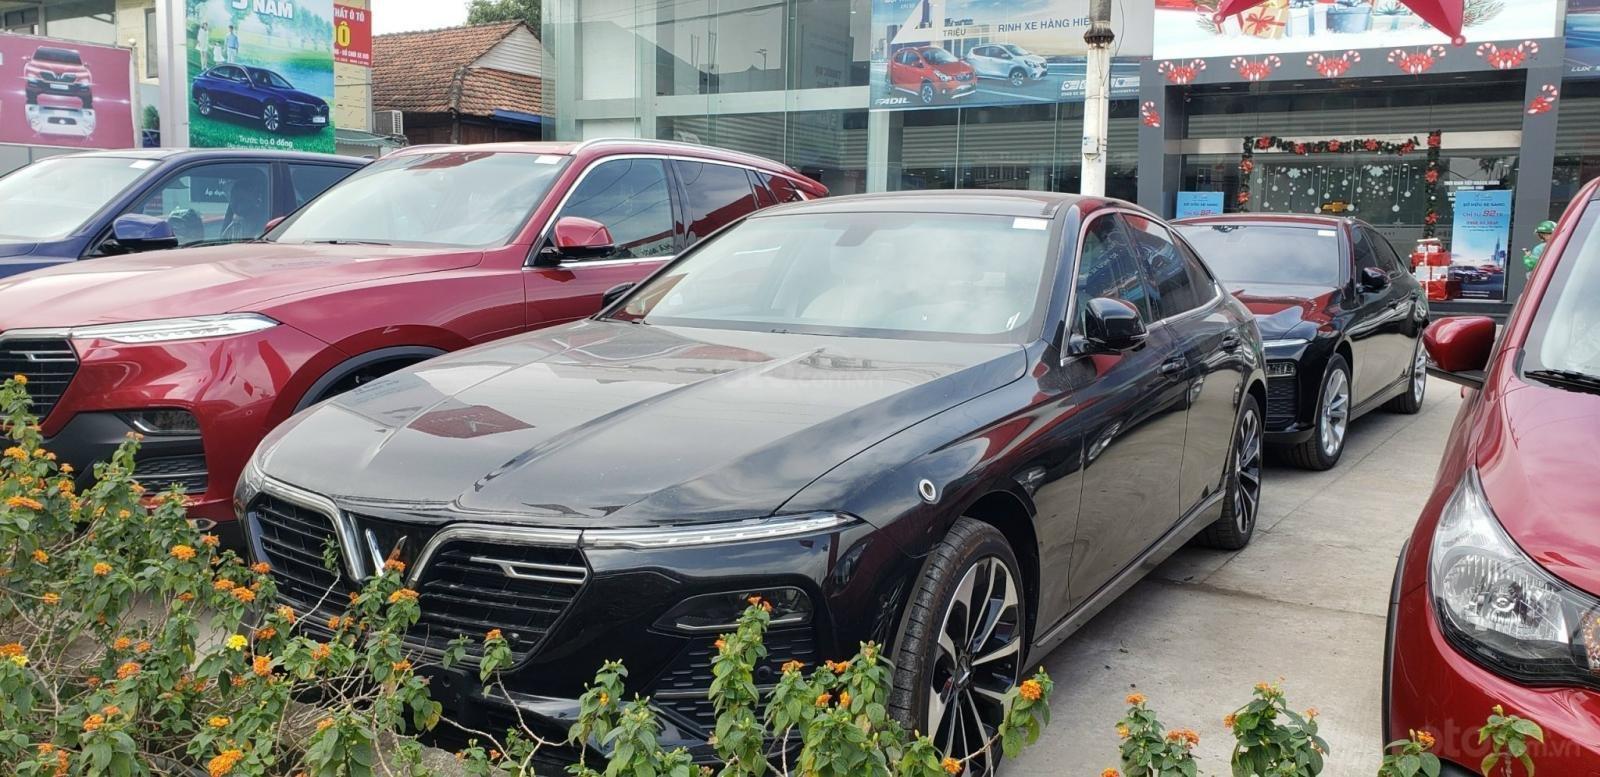 [Hot] Lux A2.0 cao cấp - xe phục vụ Asean giá tốt nhất thị trường (2)